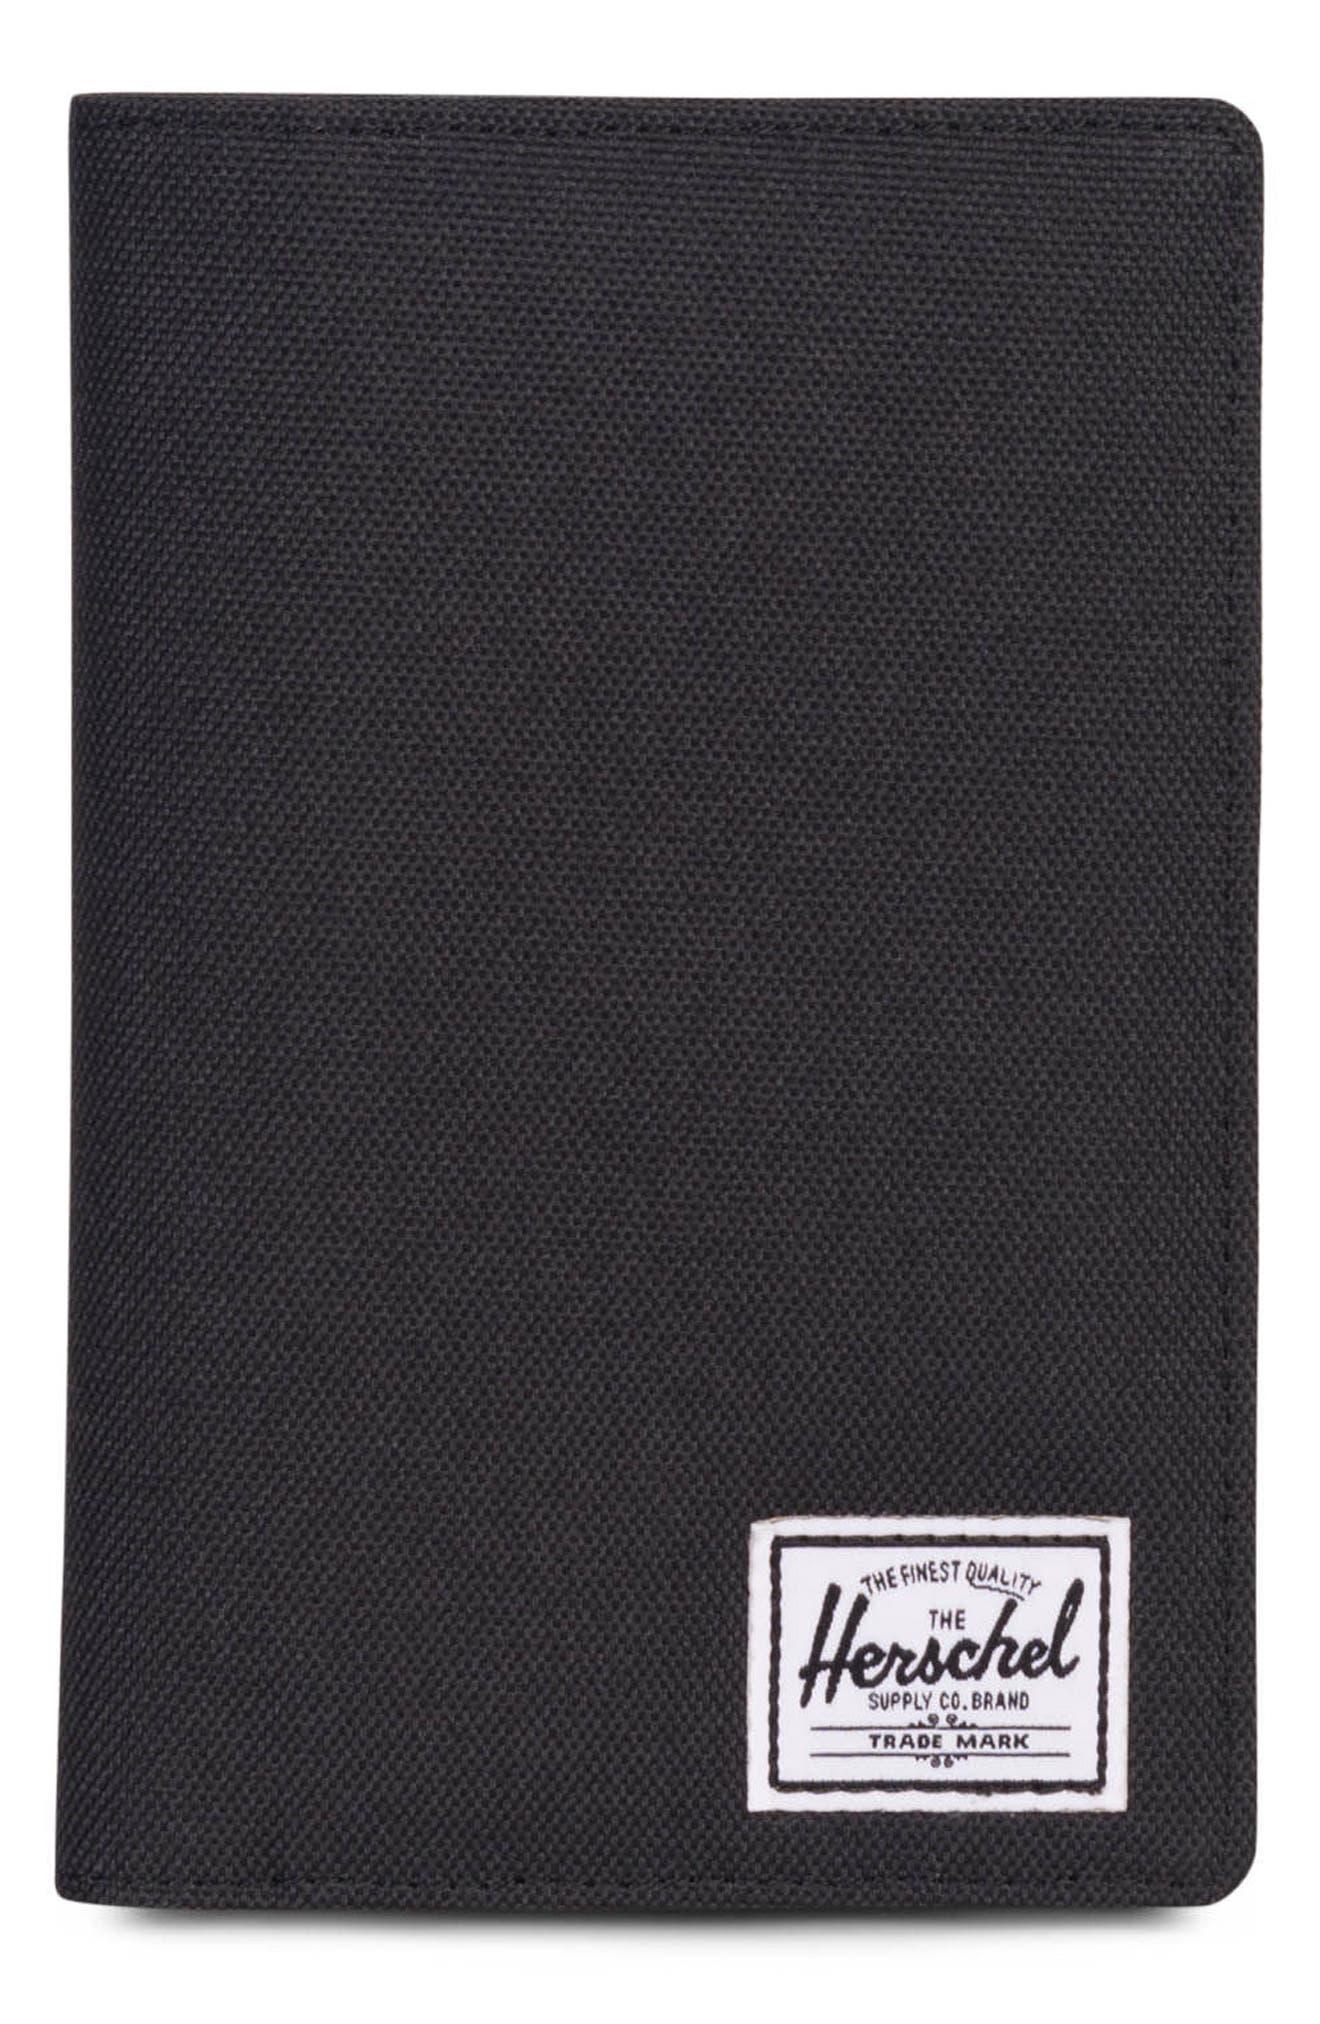 Main Image - Herschel Supply Co. Search Passport Holder